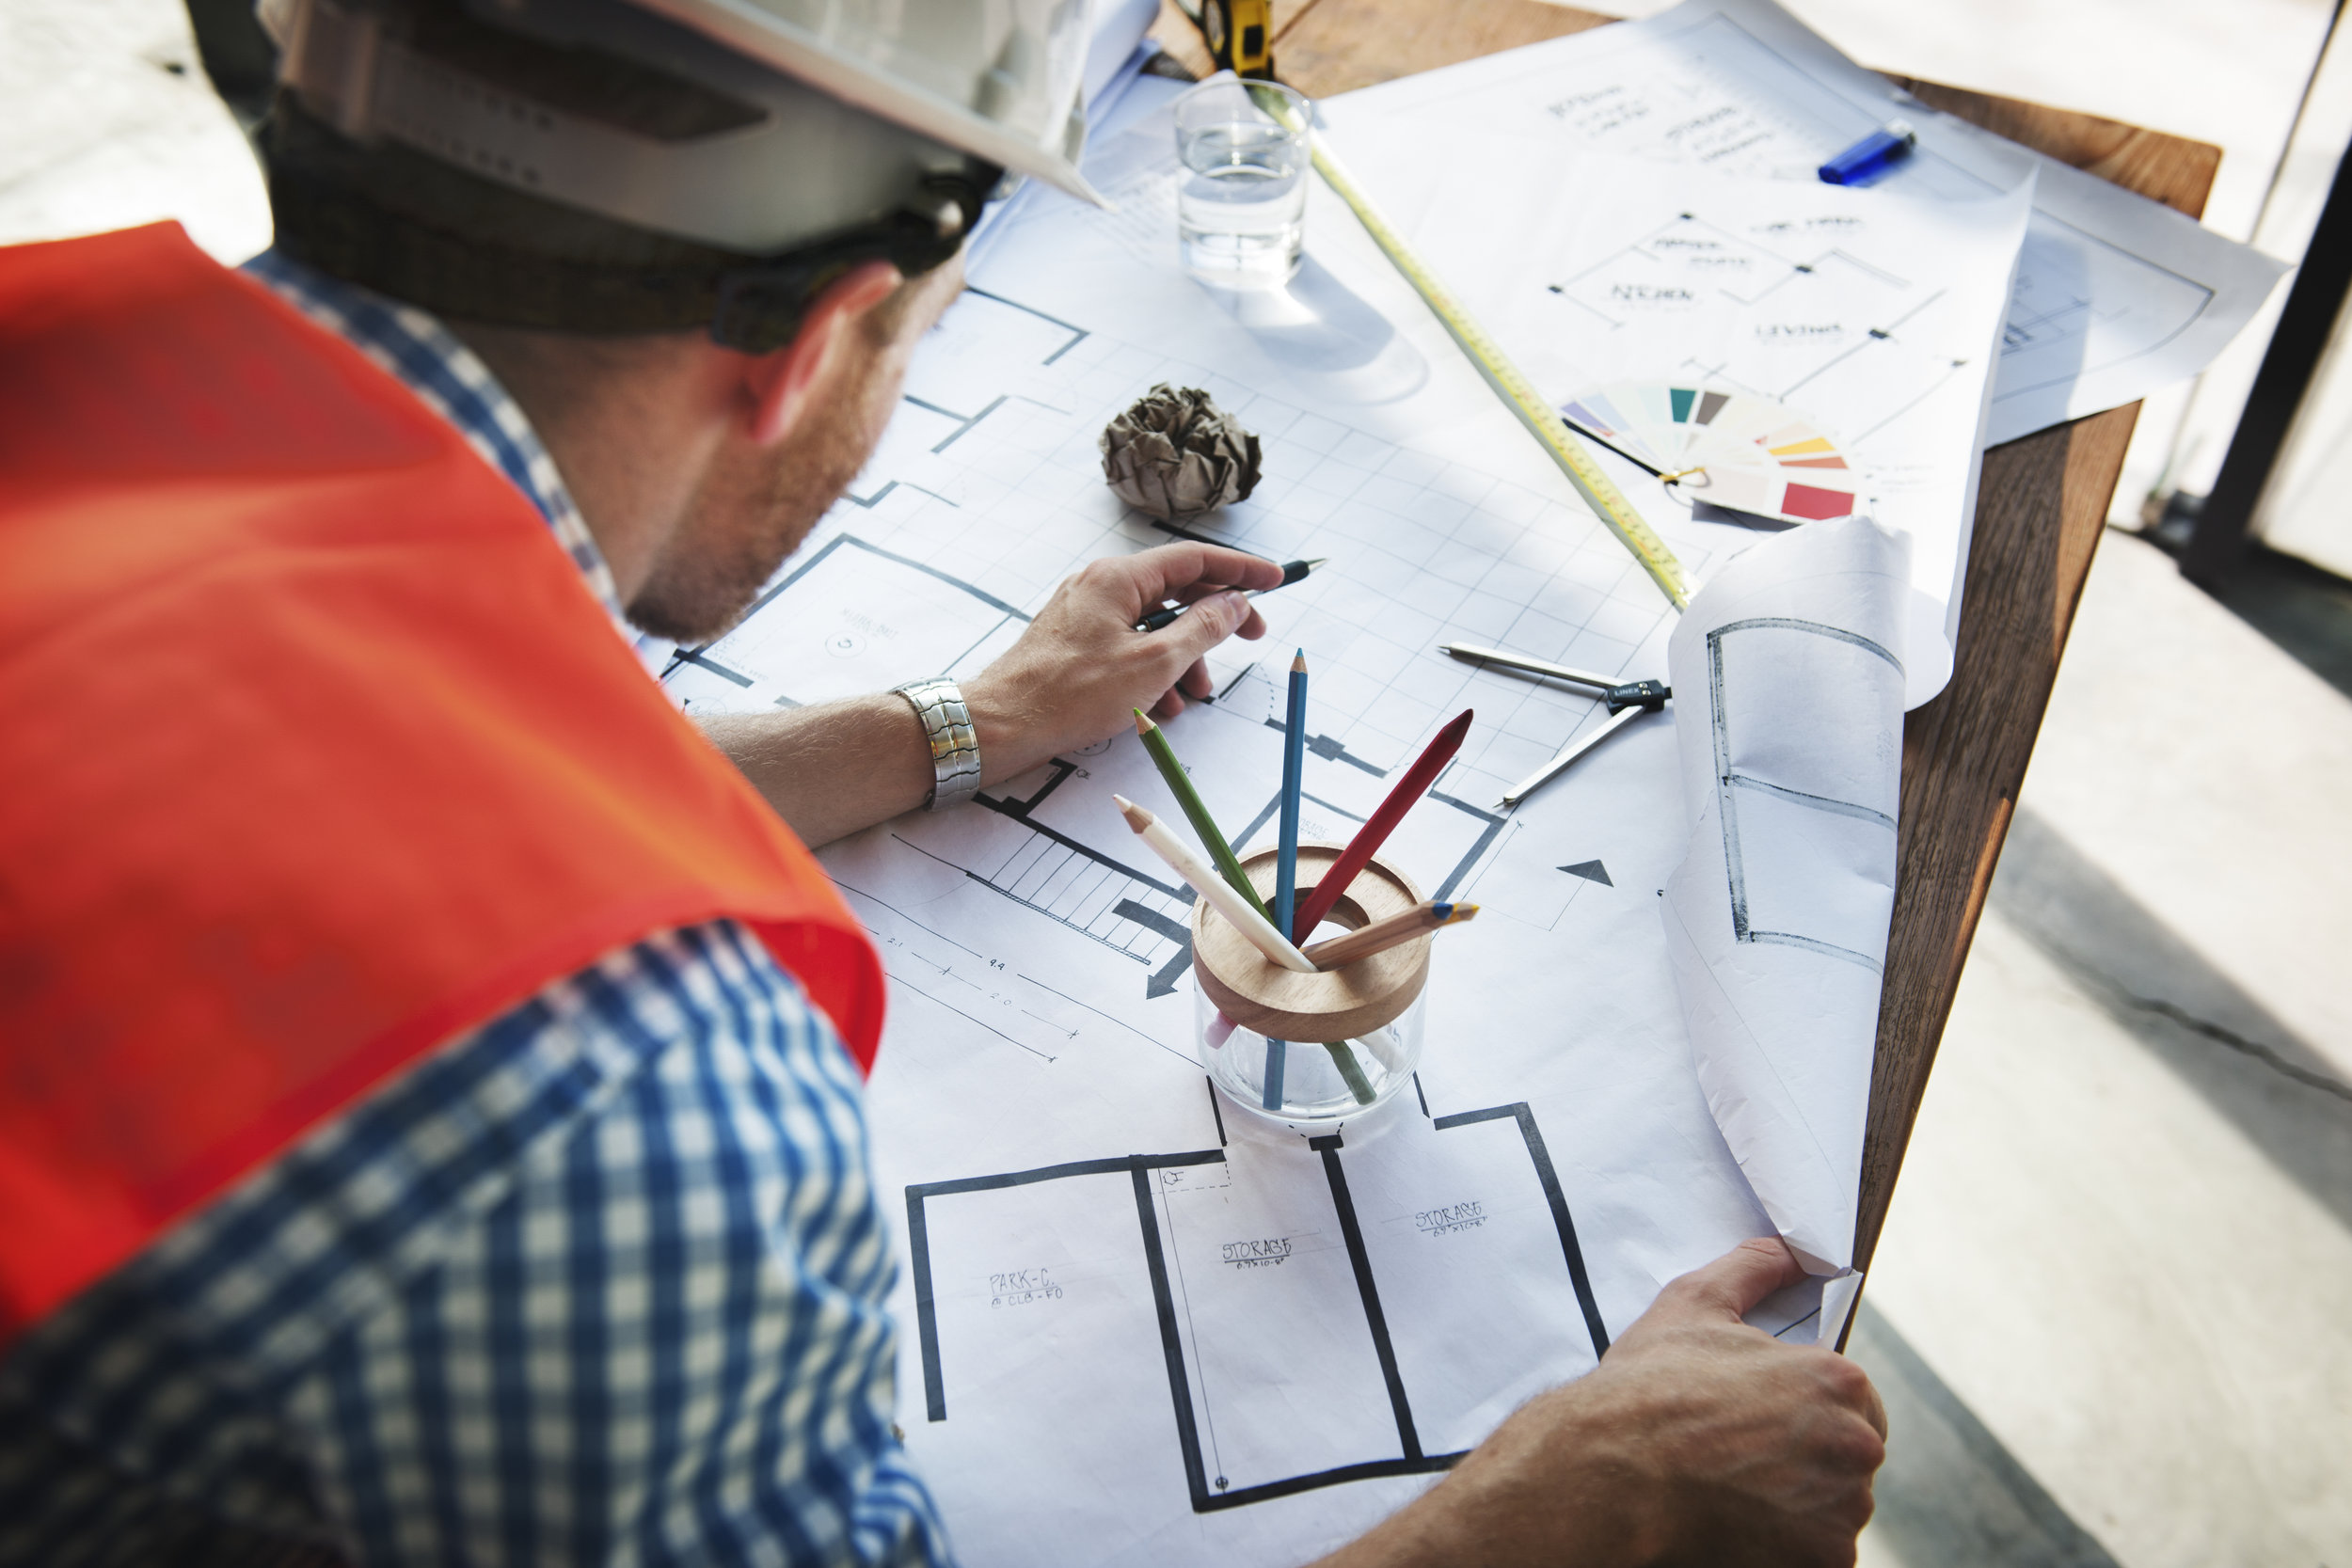 Gestión de obra - Los tiempos son vitales a la hora de construir, por lo que realizamos planificaciones de obras en equipo en estrecha relación con los contratistas. La comunicación es la clave de nuestro éxito.